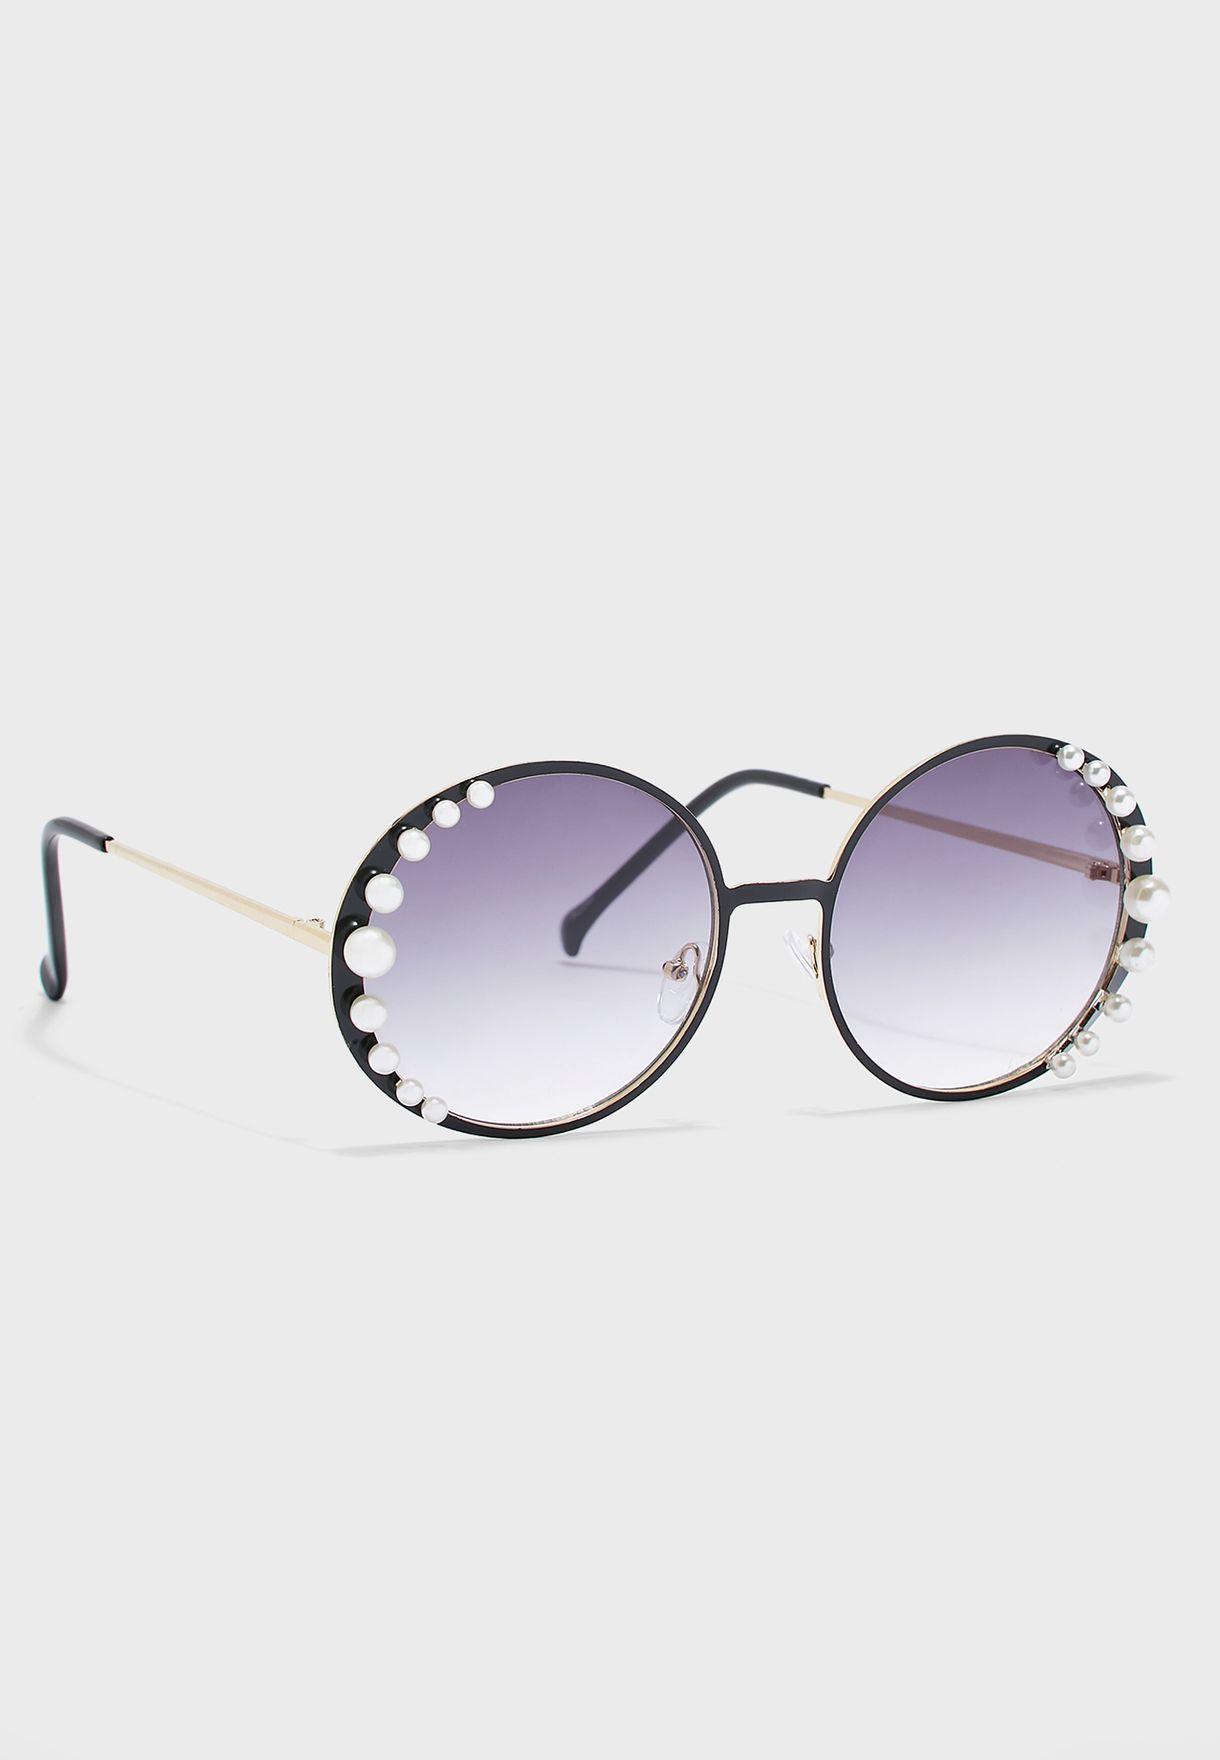 نظارة شمسية مزينة باللؤلؤ